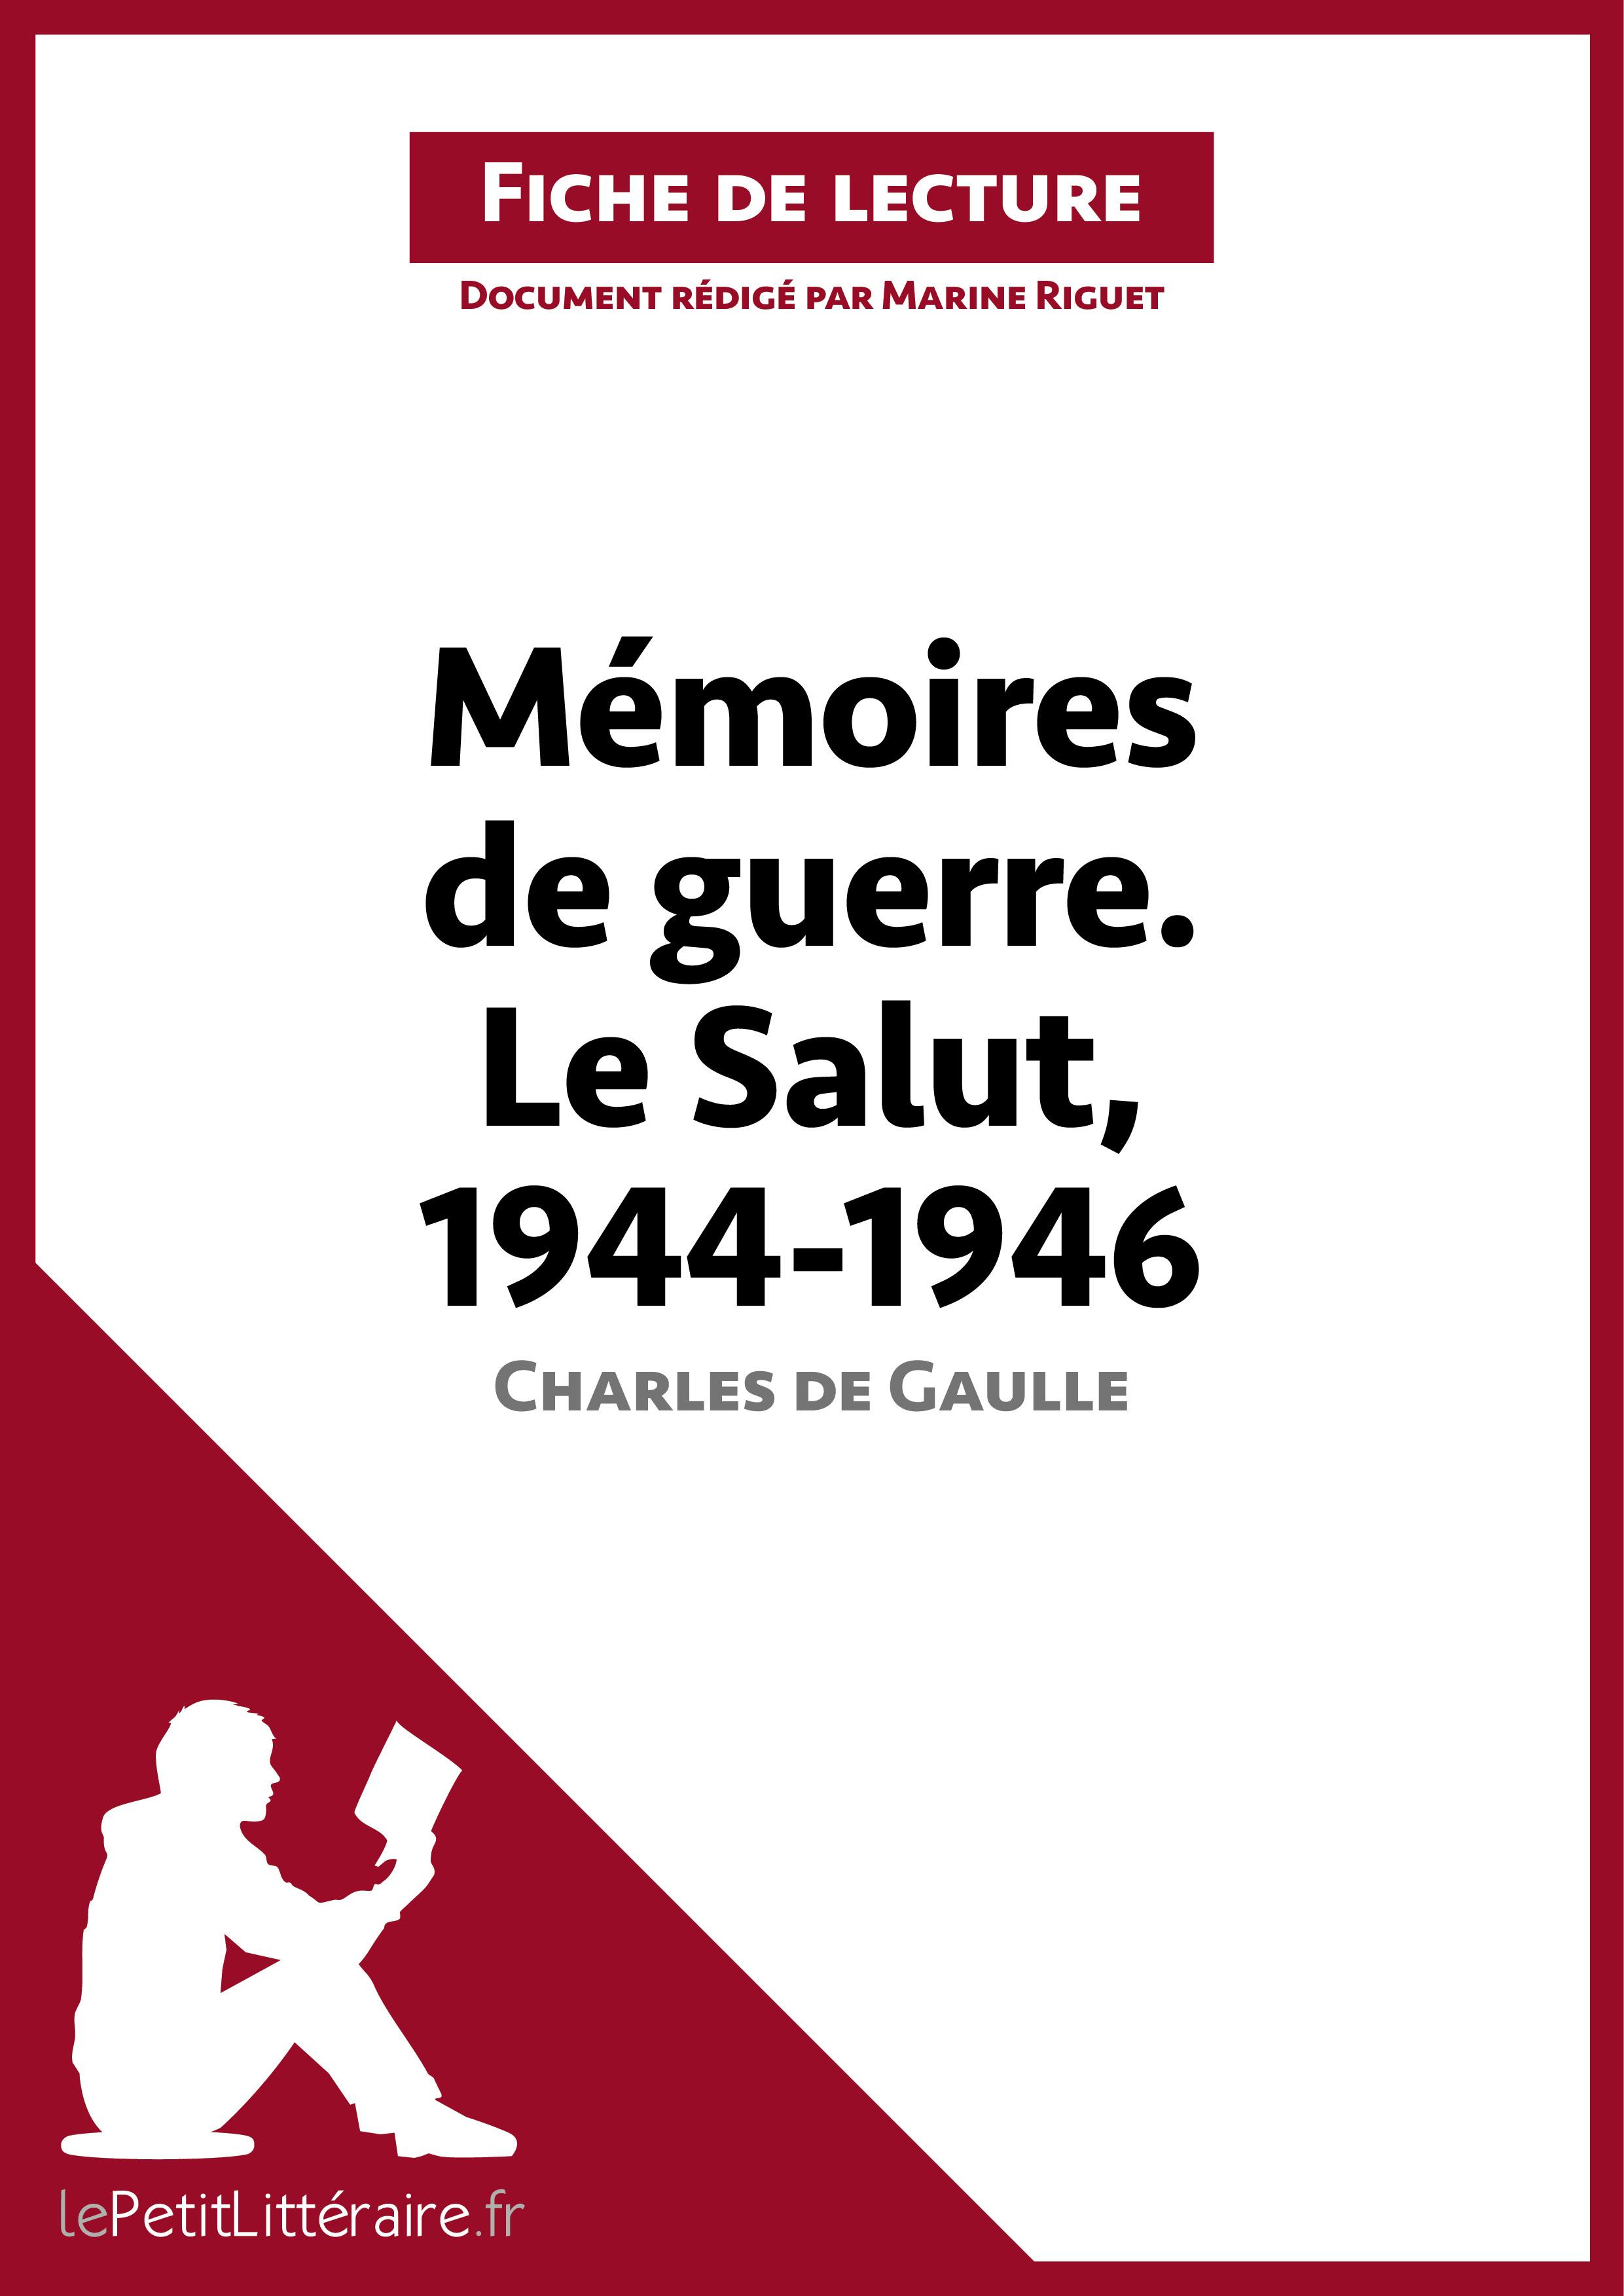 Mémoires de guerre III. Le Salut (1944-1946)